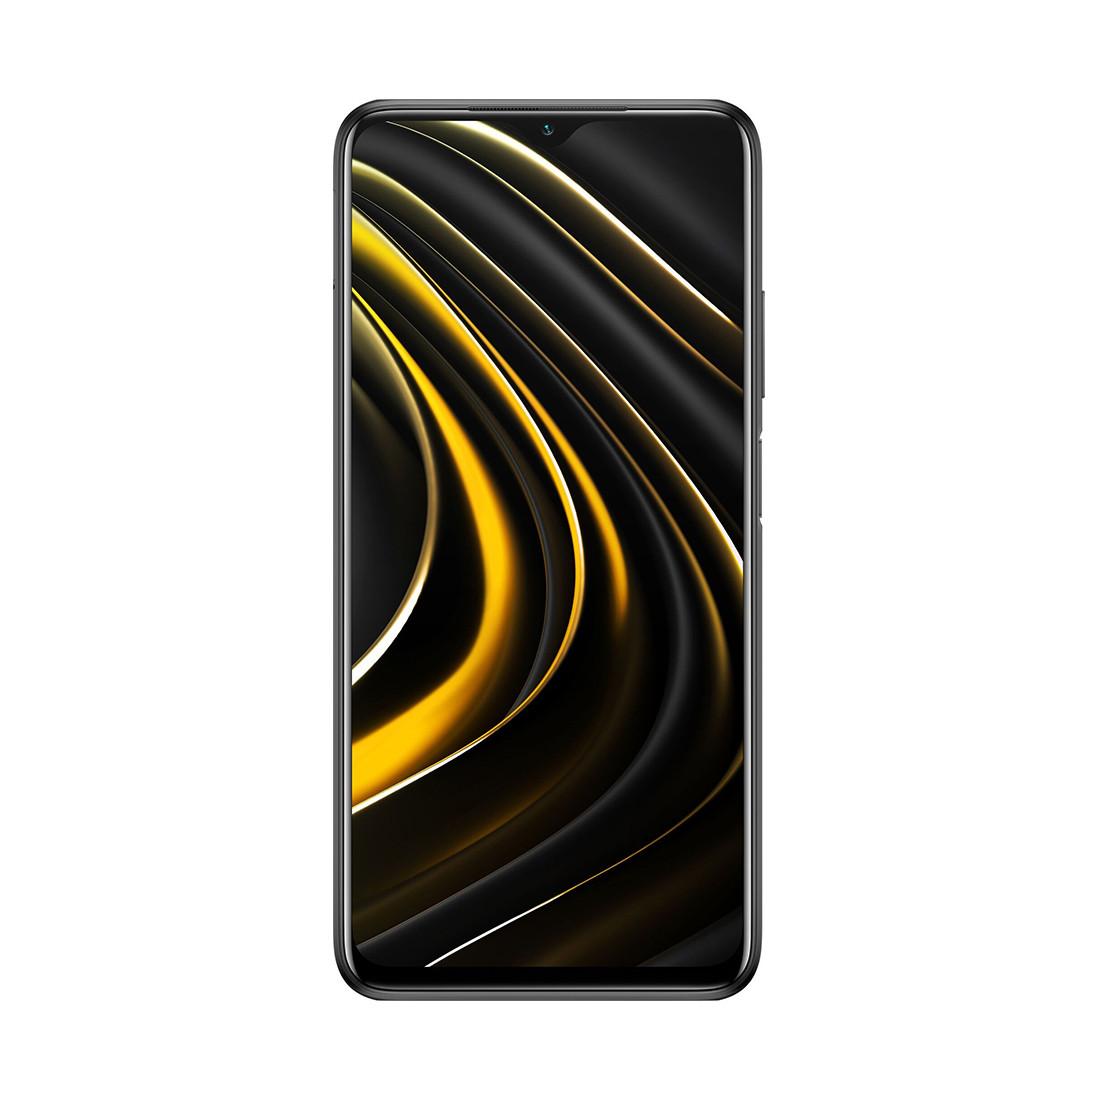 Мобильный телефон Poco M3 64GB Power Black - фото 1